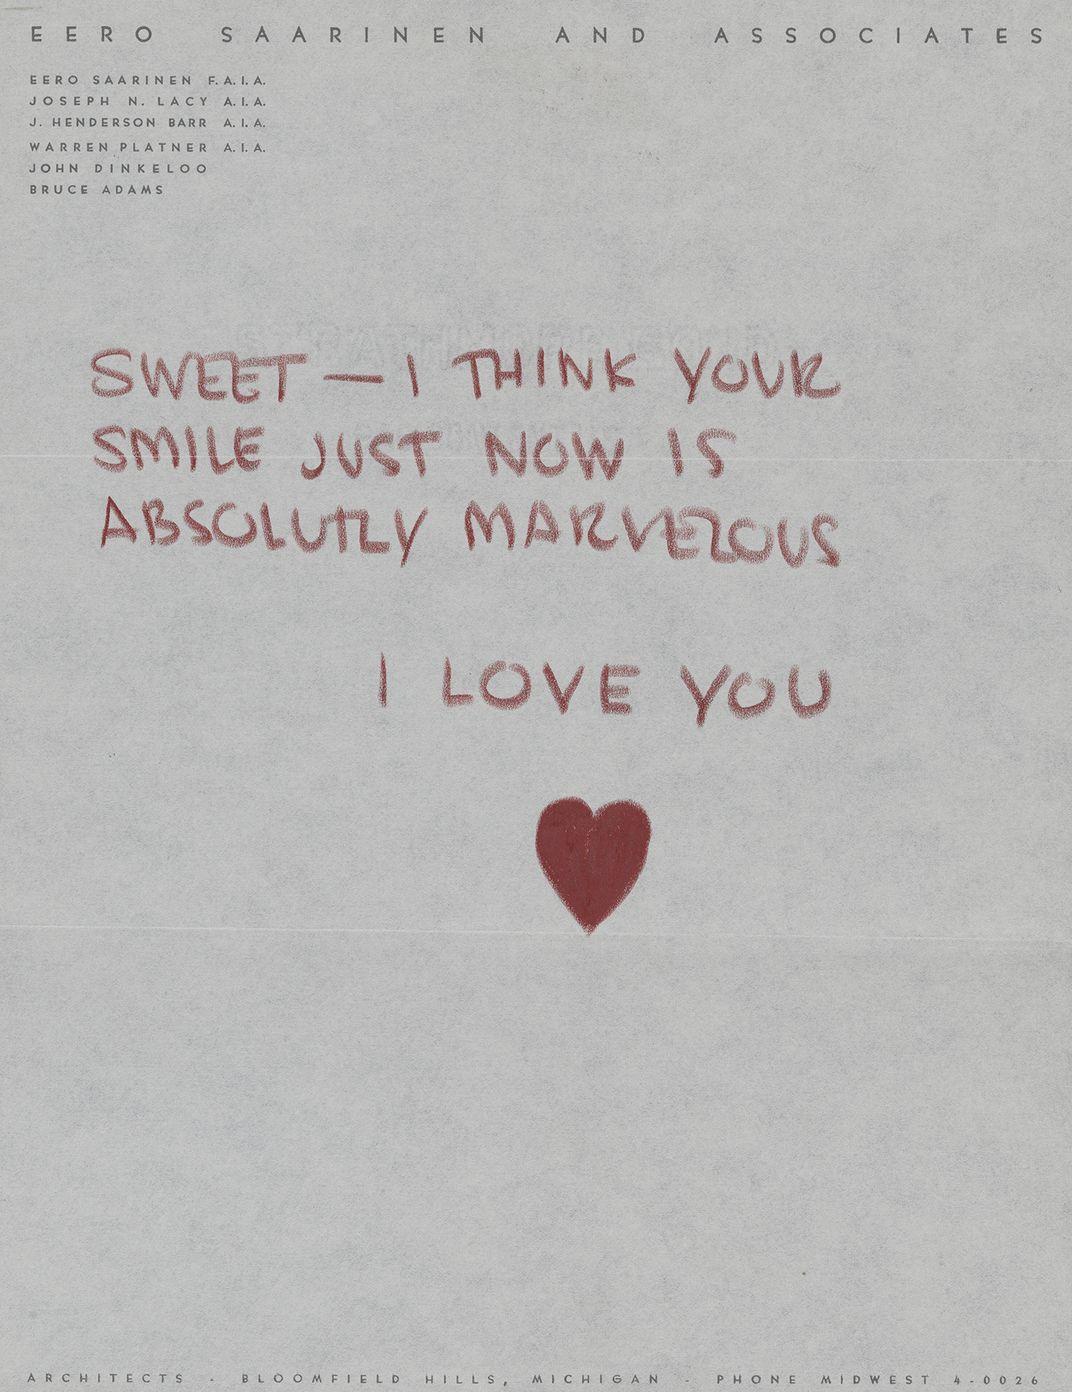 Illustrated note to Aline Saarinen from Eero Saarinen